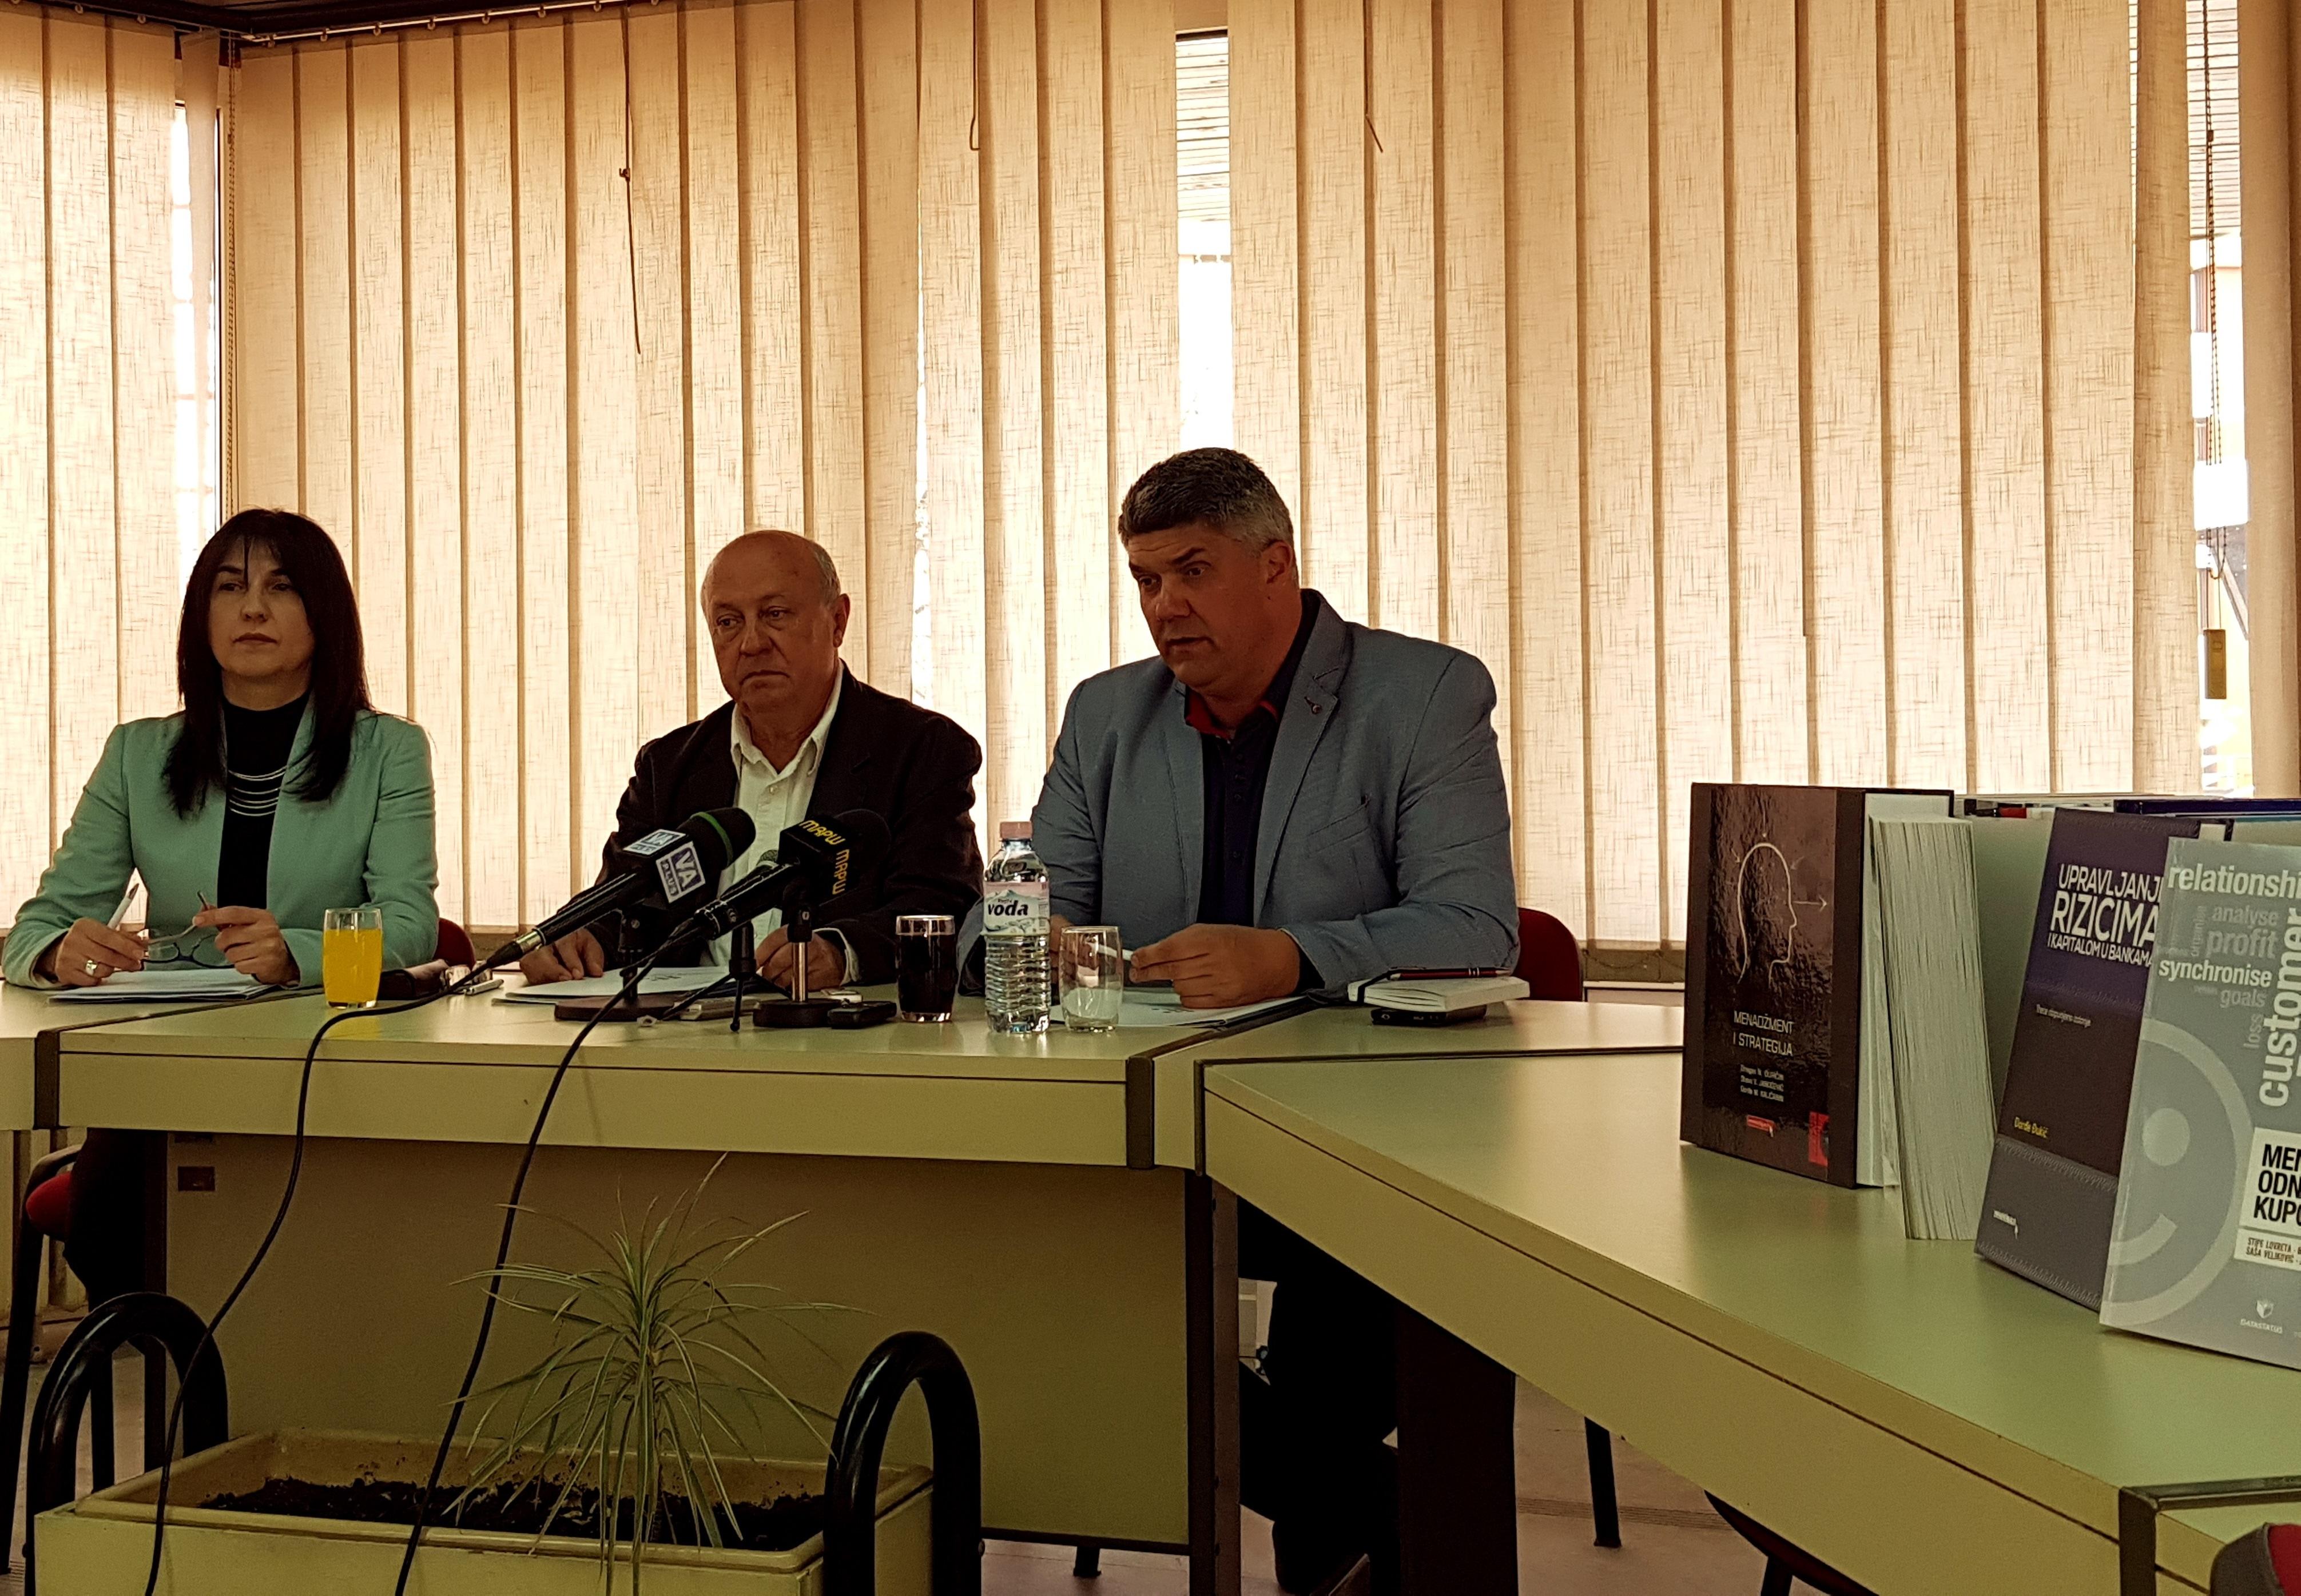 Potpisivanje sporazuma u Valjevu 2 jpg